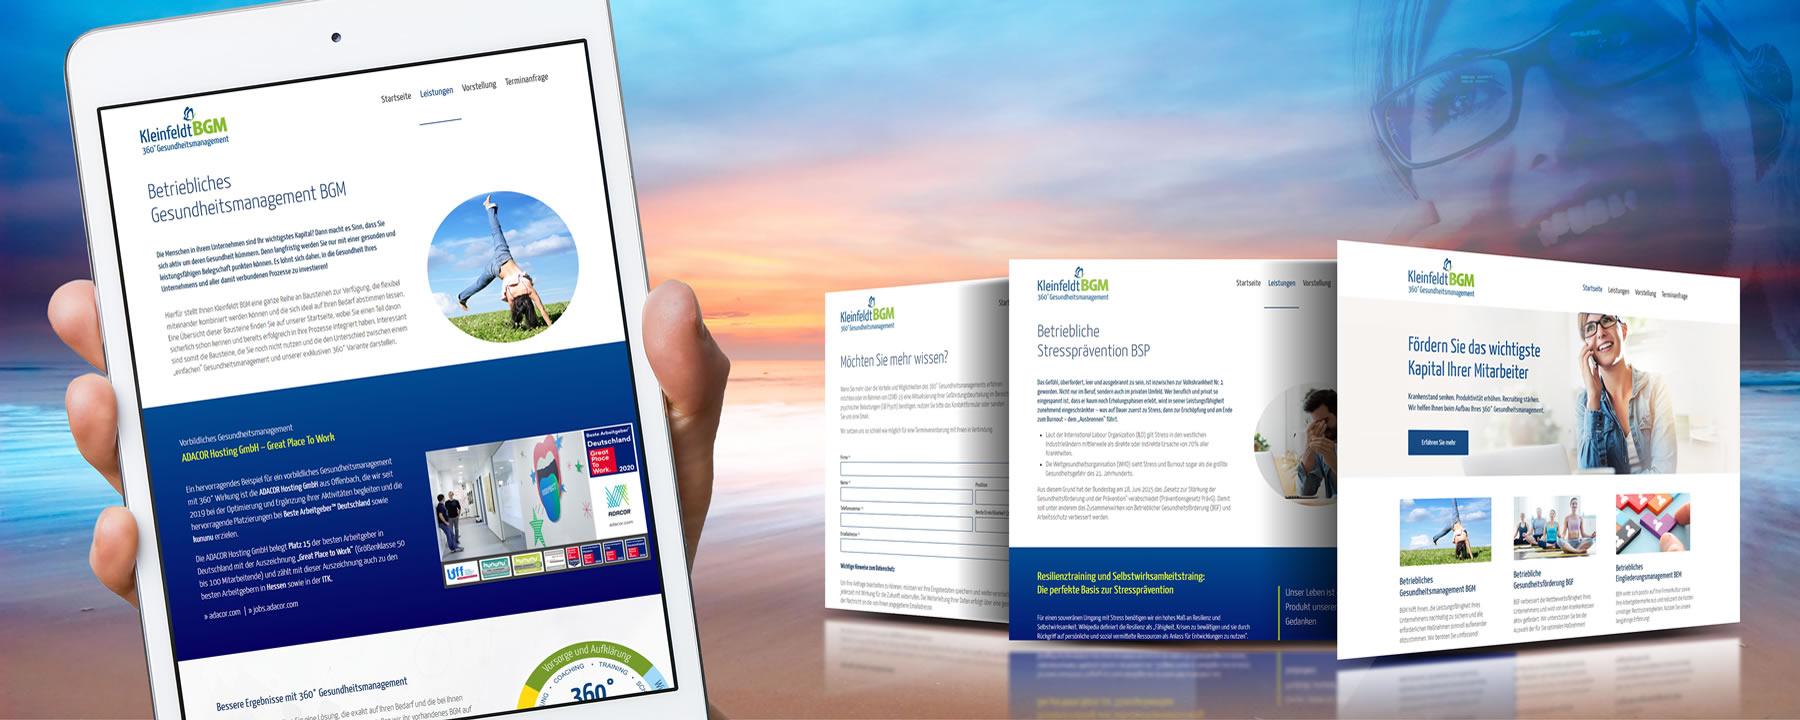 Webseite für Kleinfeldt BGM 360° Gesundheitsmanagement